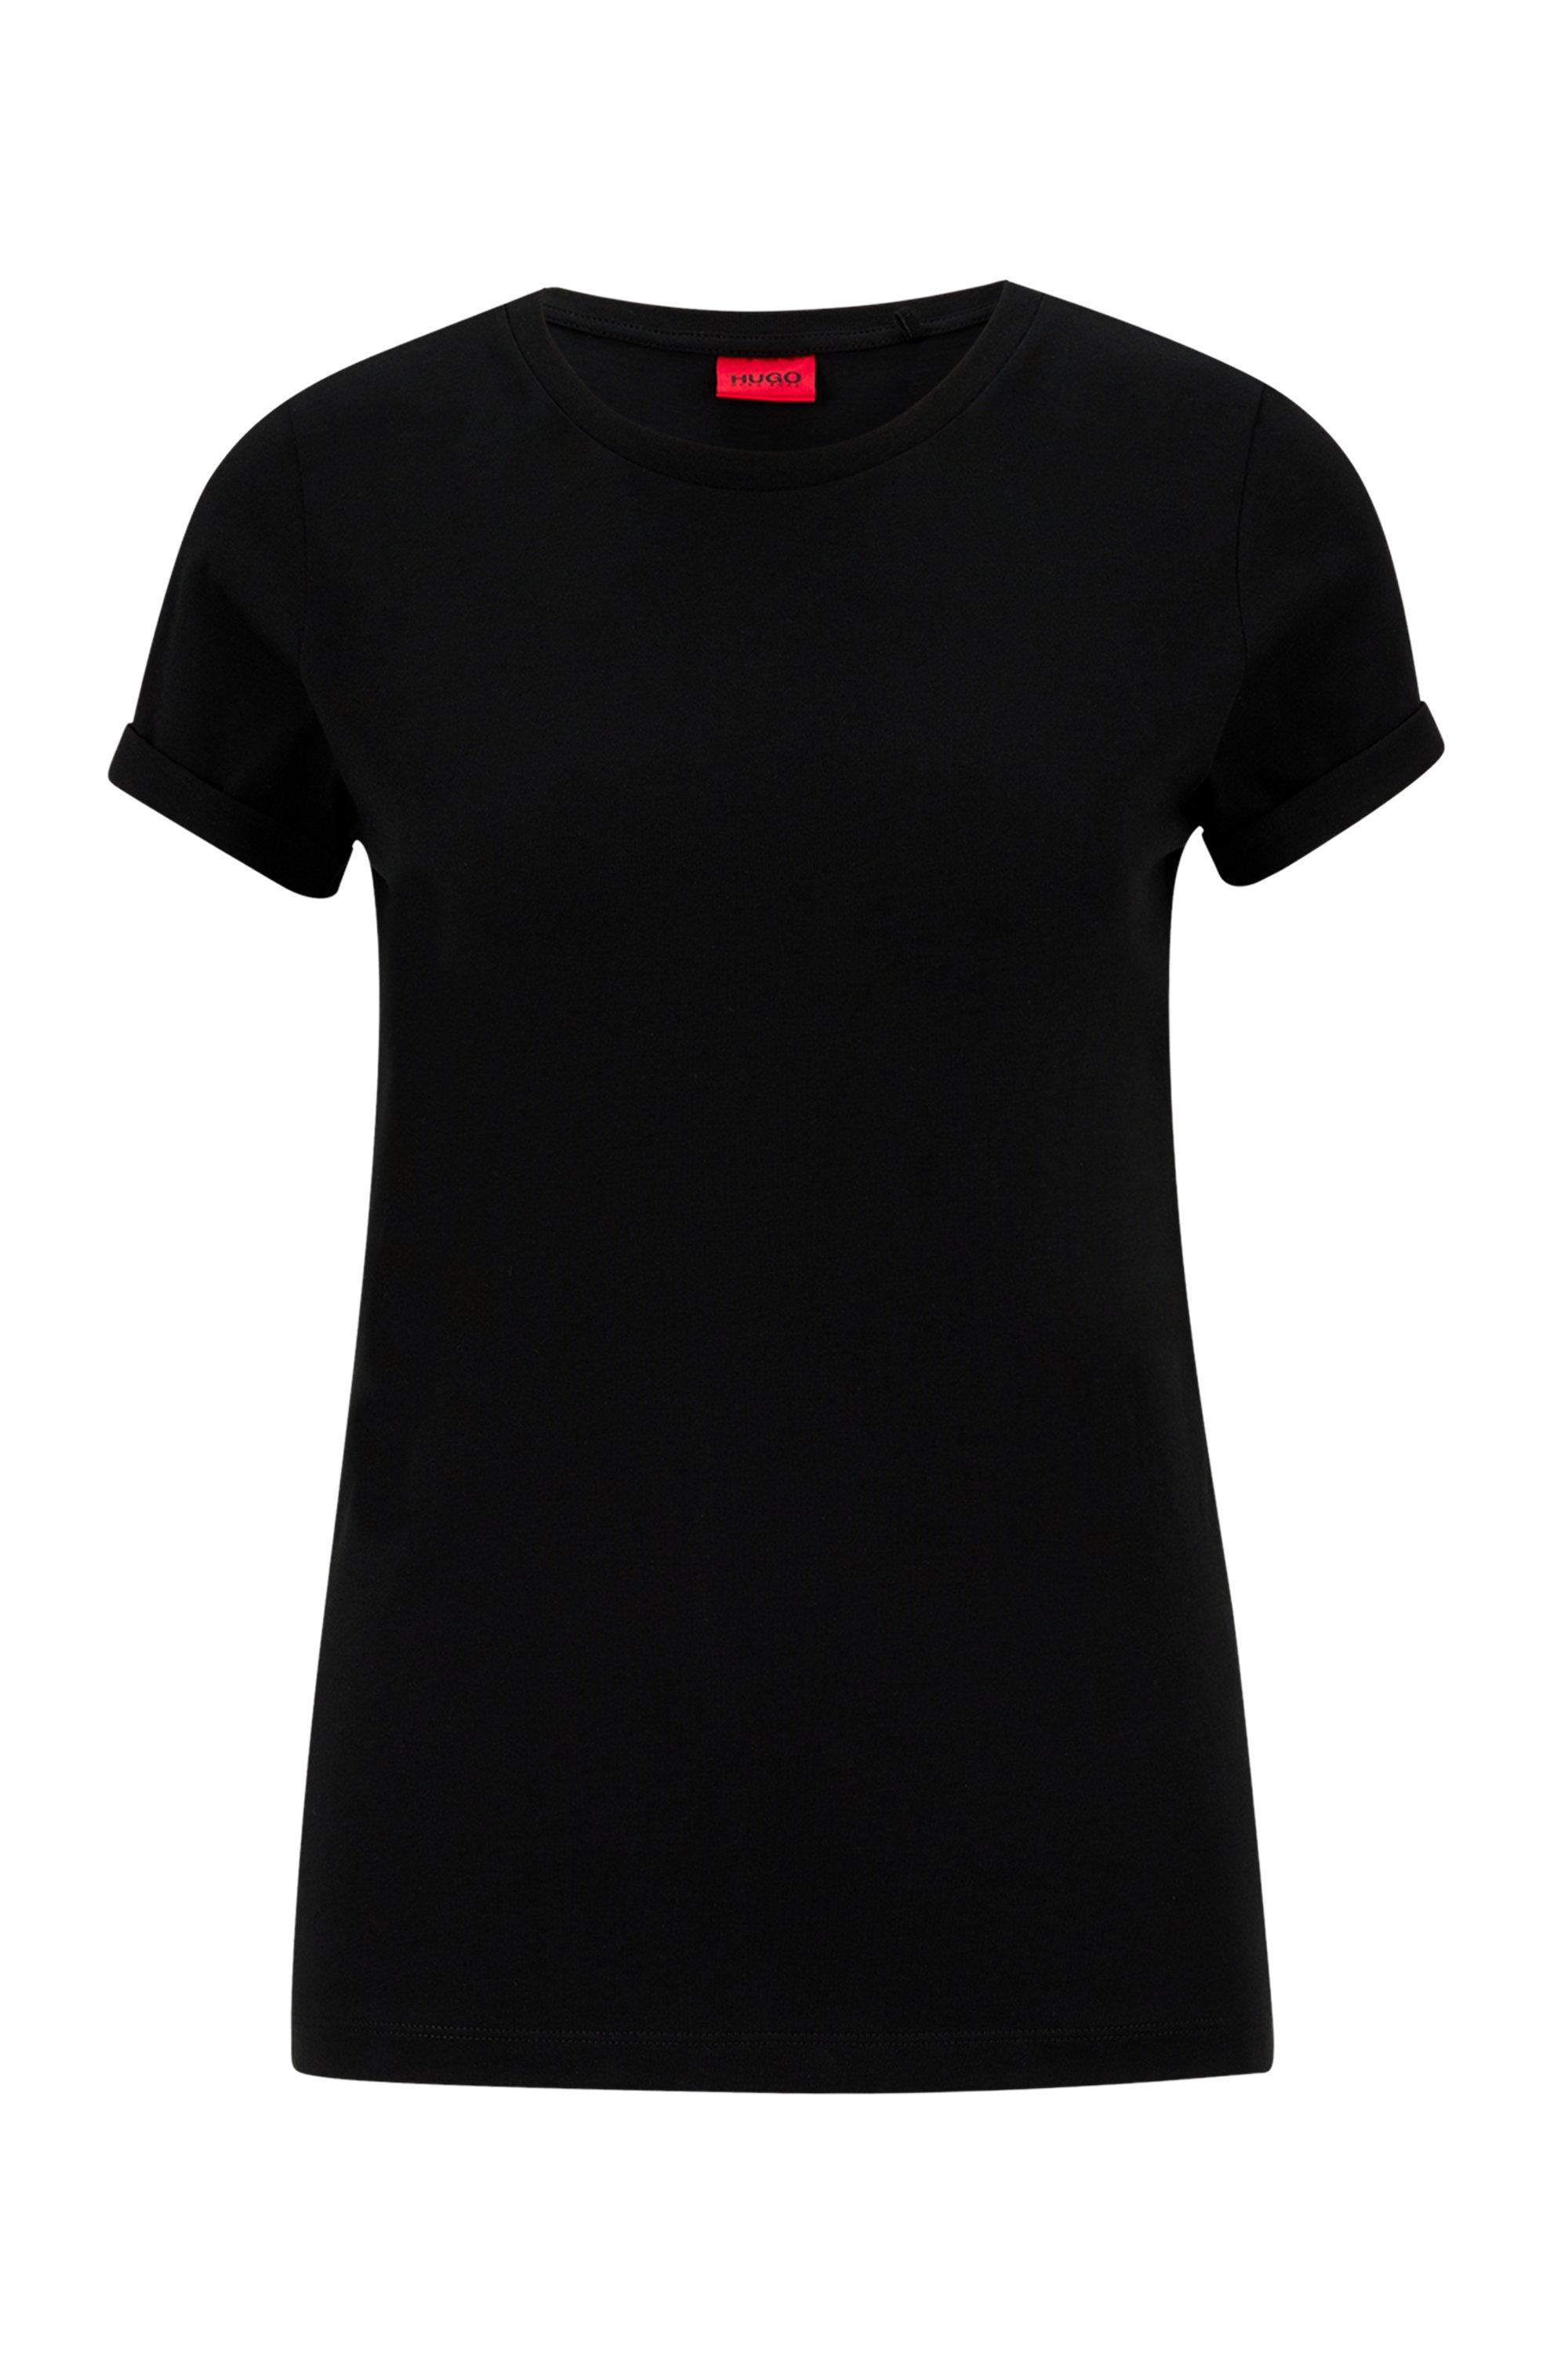 T-shirt en jersey de coton à logo inversé imprimé, Noir